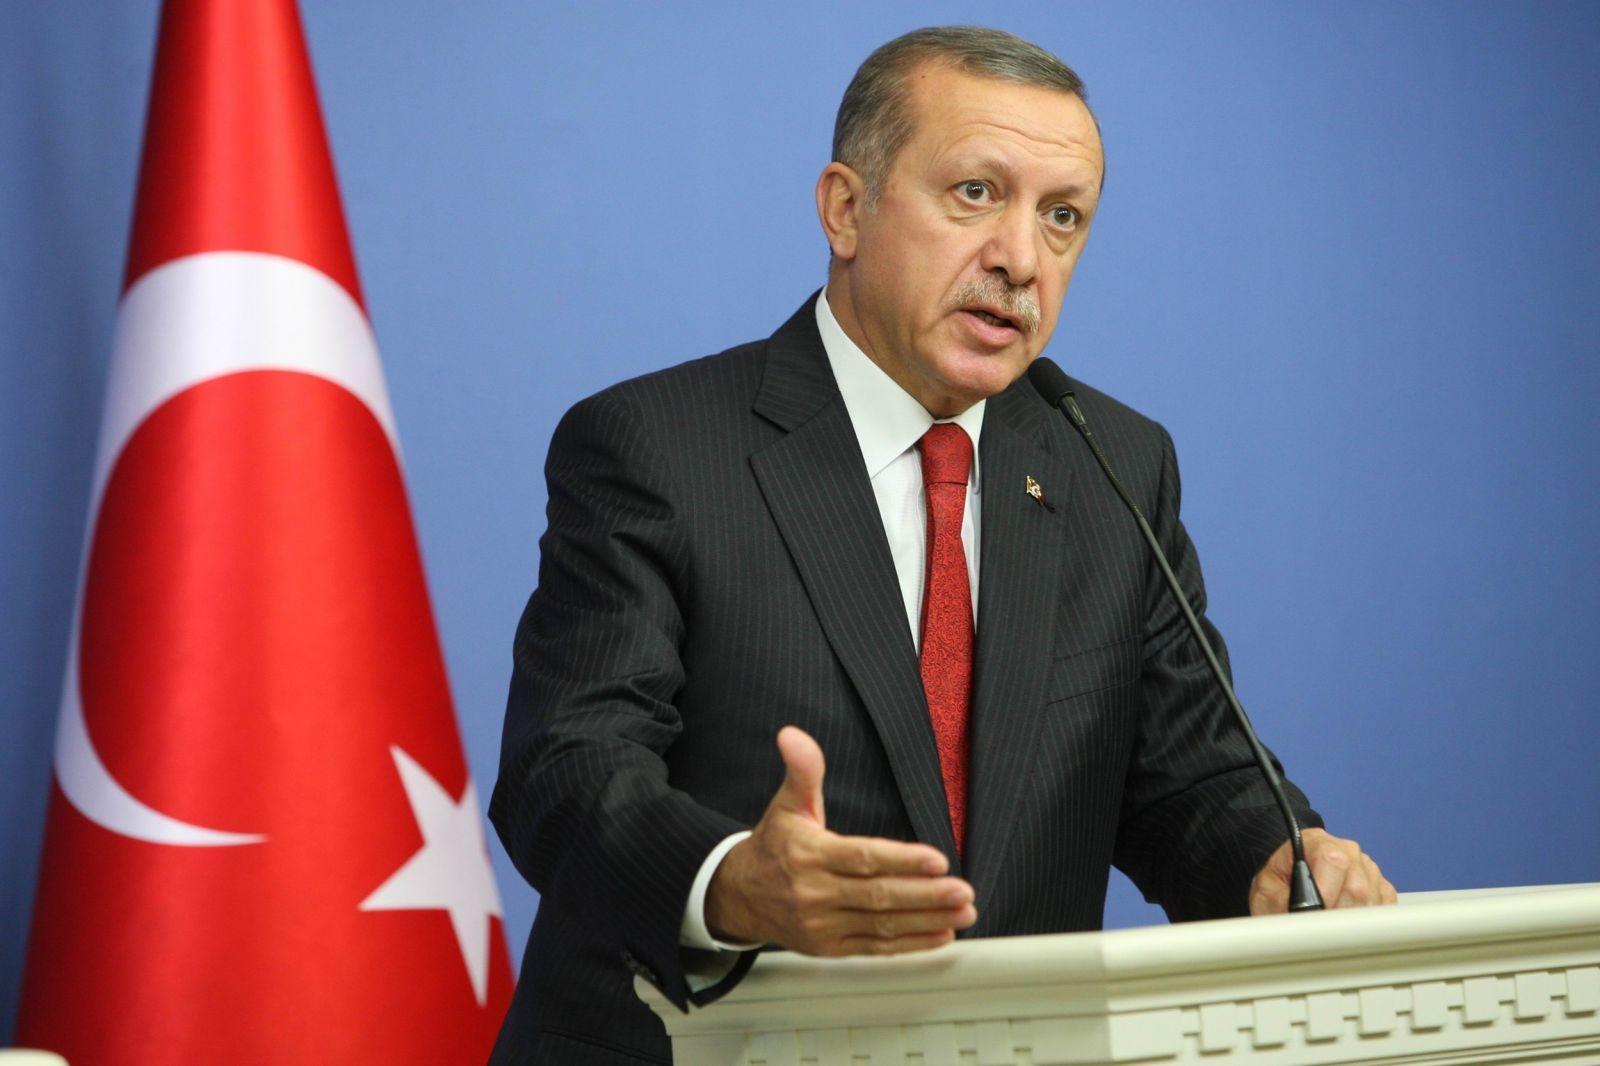 اردوغان خطاب به اروپا: ویزا را لغو نکنید مهاجران را پس نمیگیریم